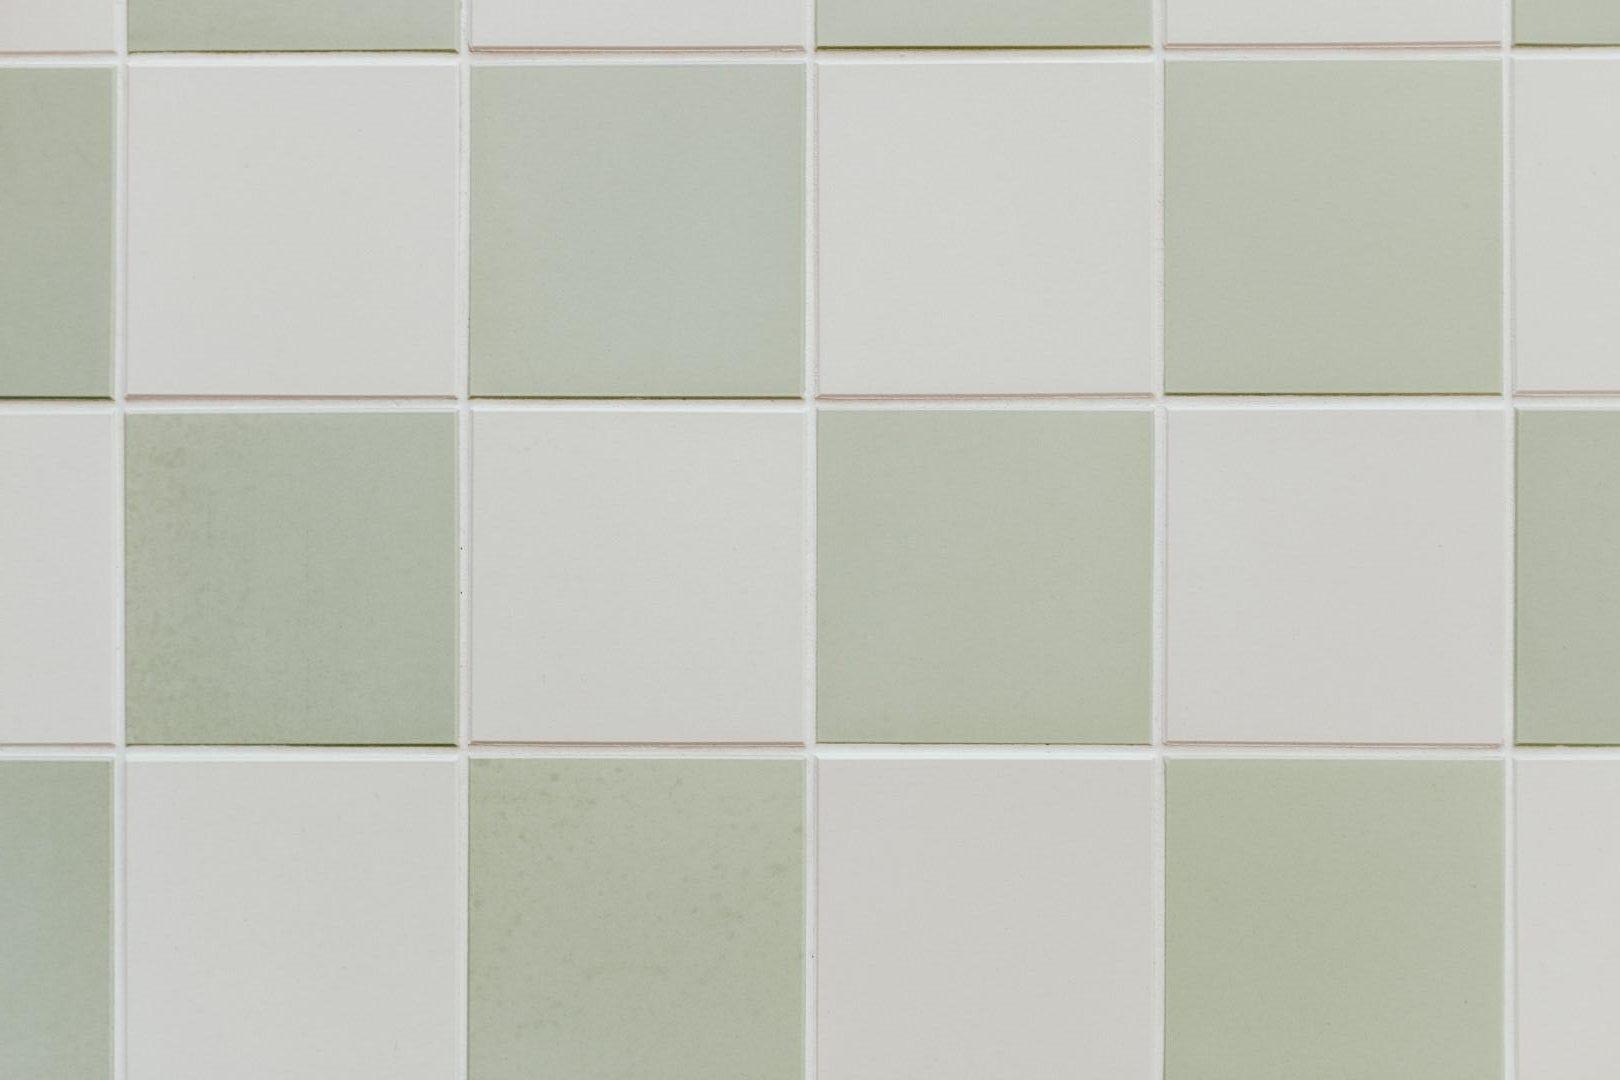 10 wskazówek dotyczących wyboru płytki do łazienki, która jest idealna dla Ciebie 2021